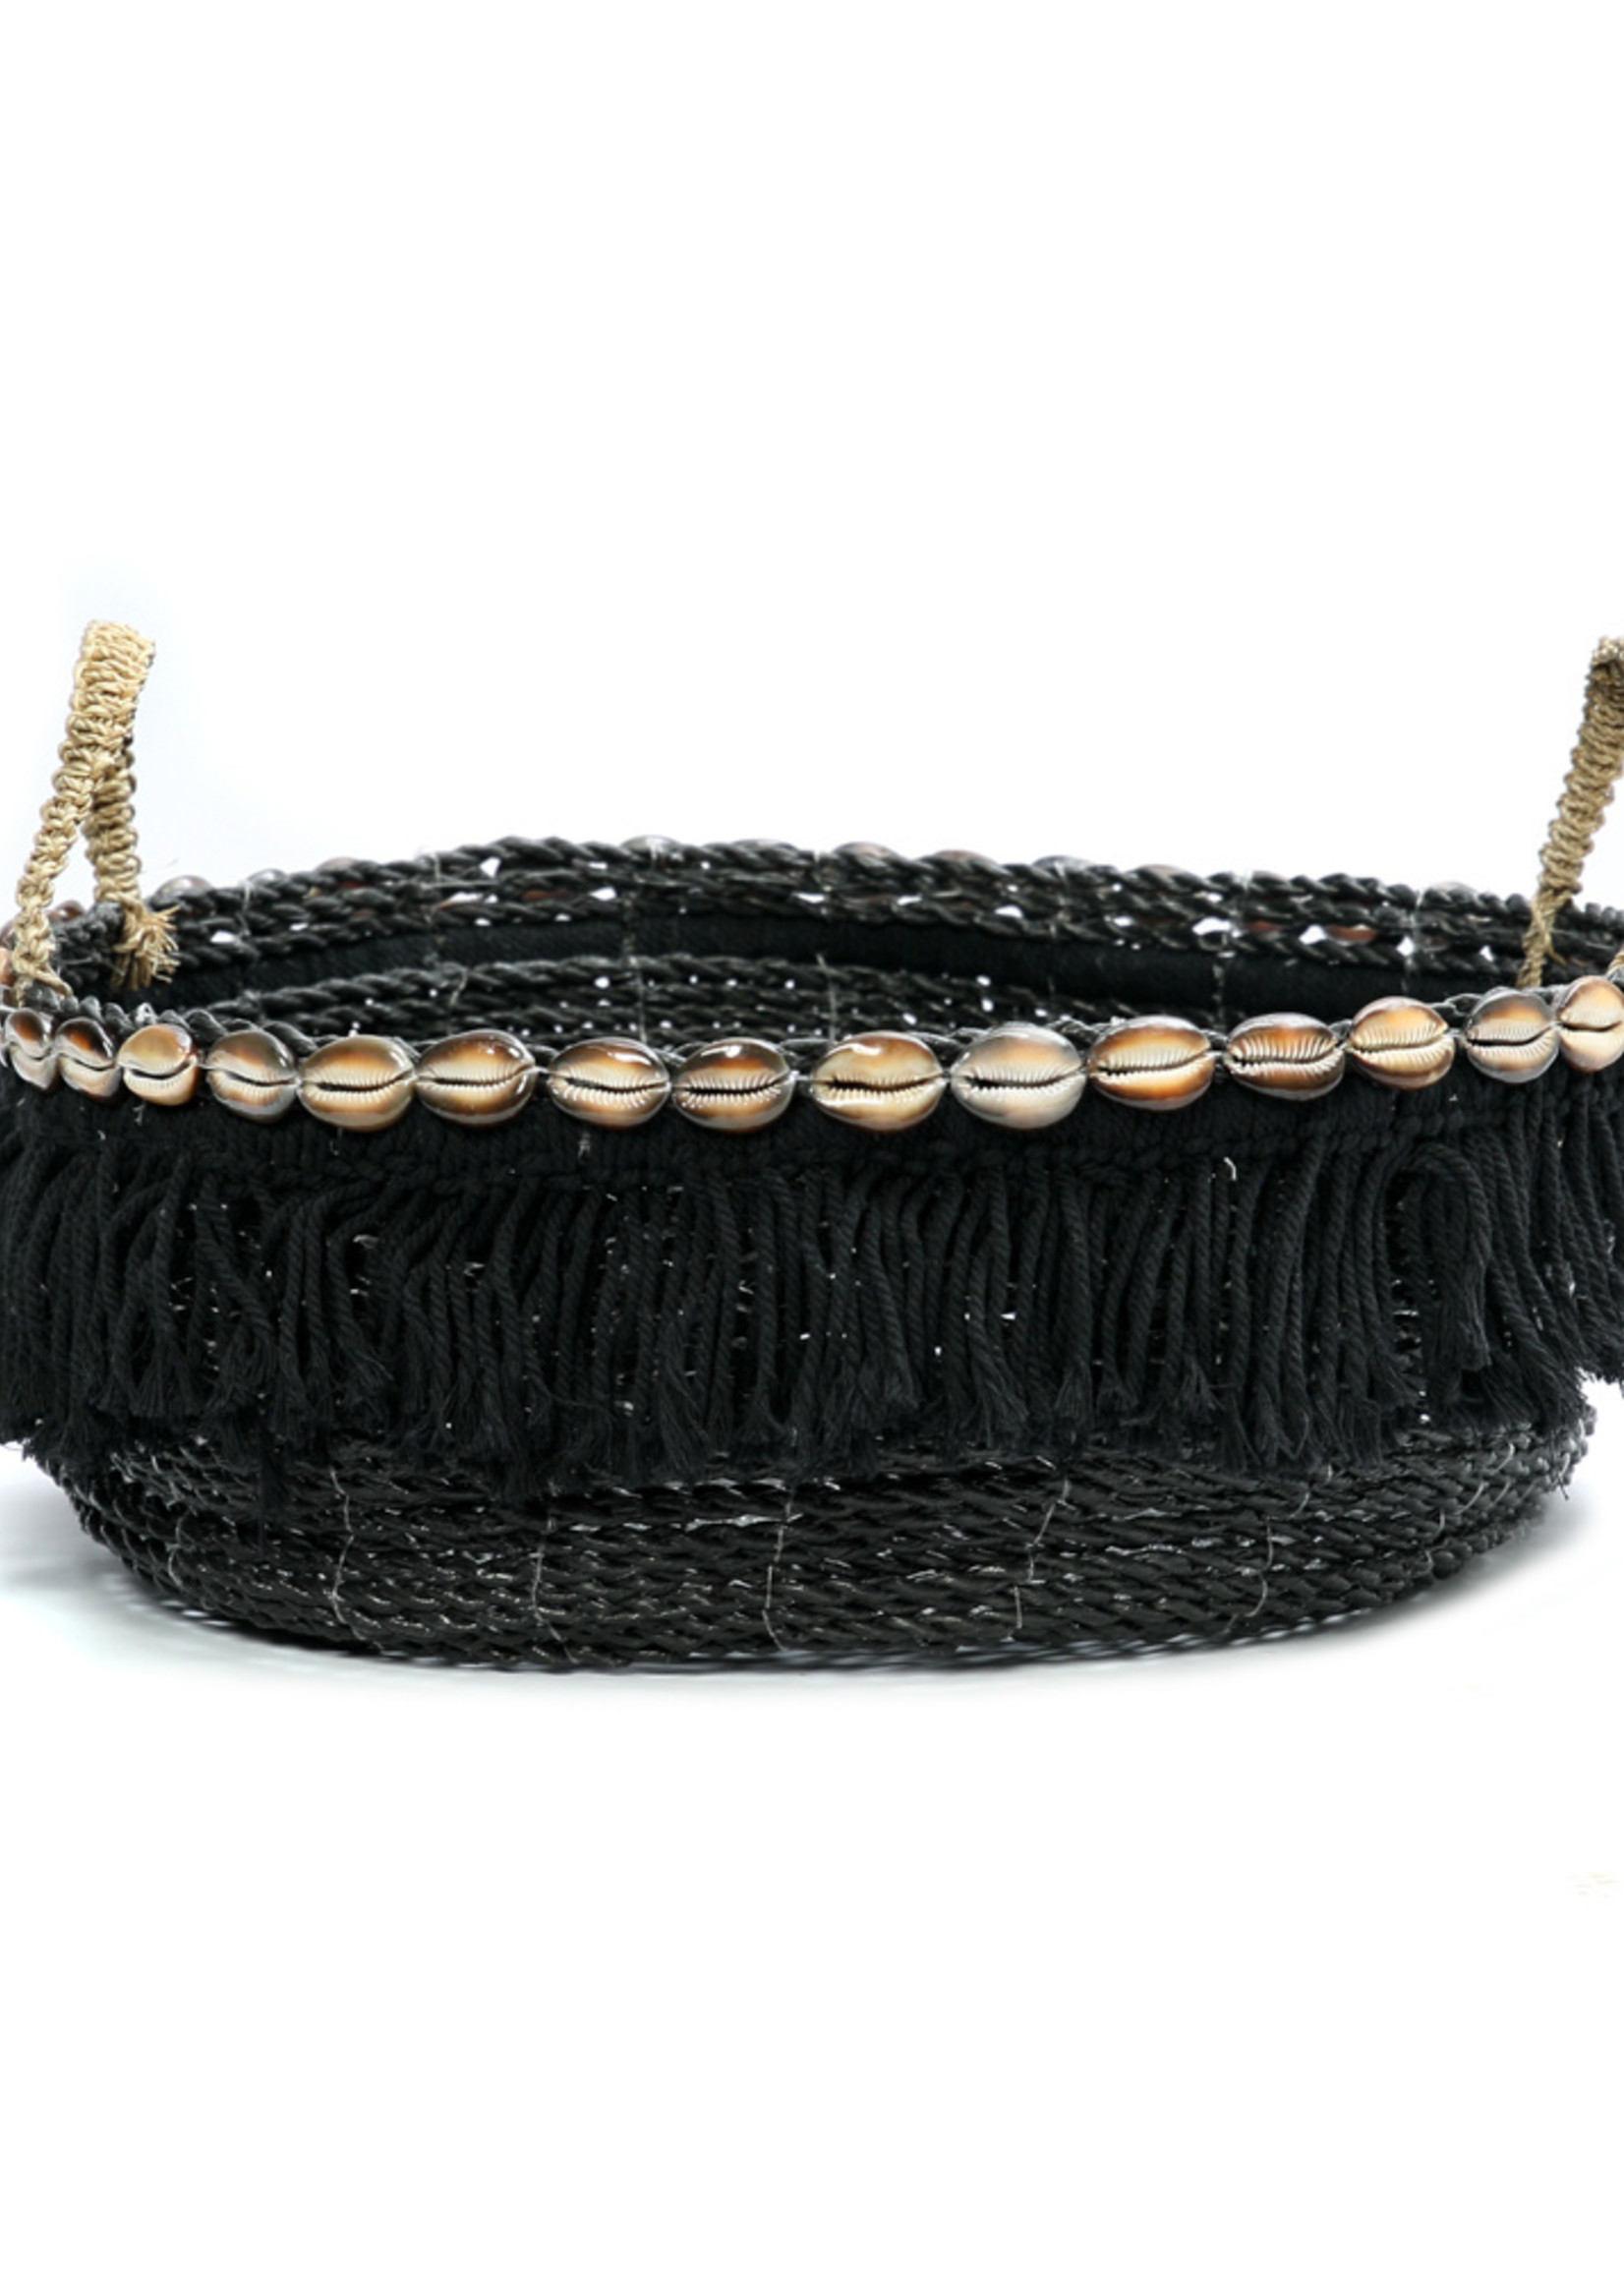 The Boho Fringe Basket - Black Natural